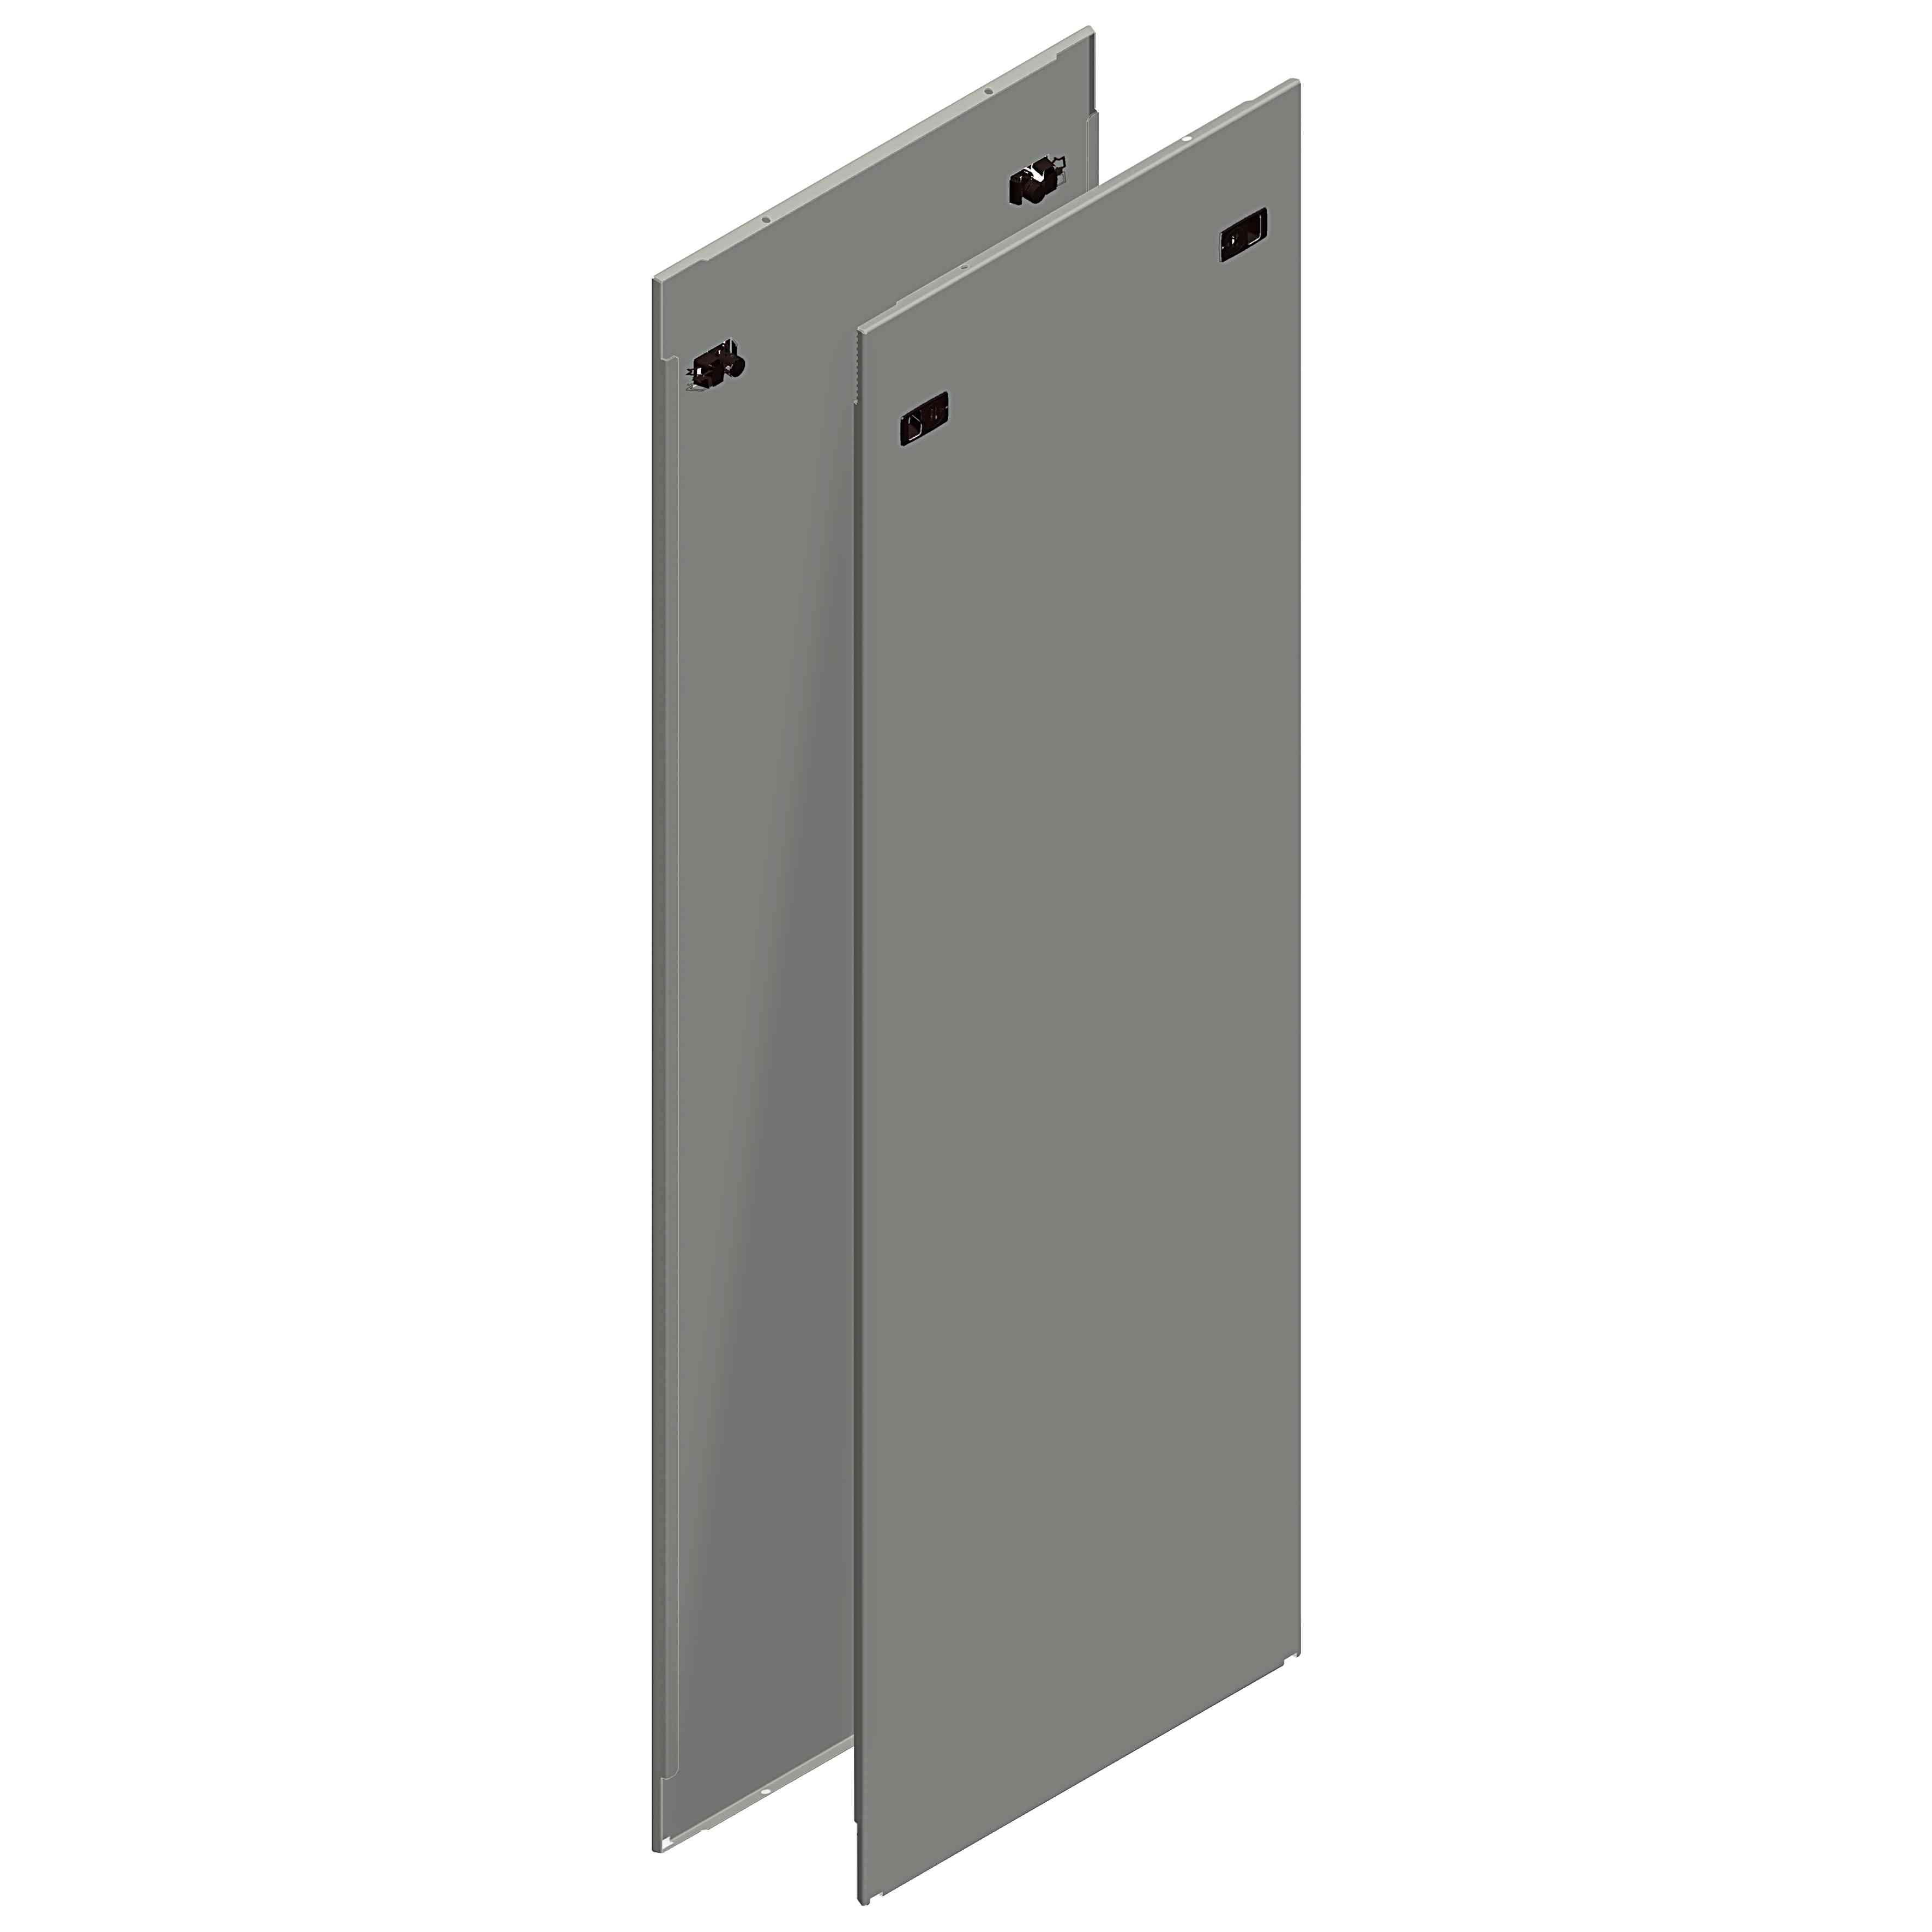 Stranske plošče Spacial SF za hitro pritrditev - 1600 x 800 mm